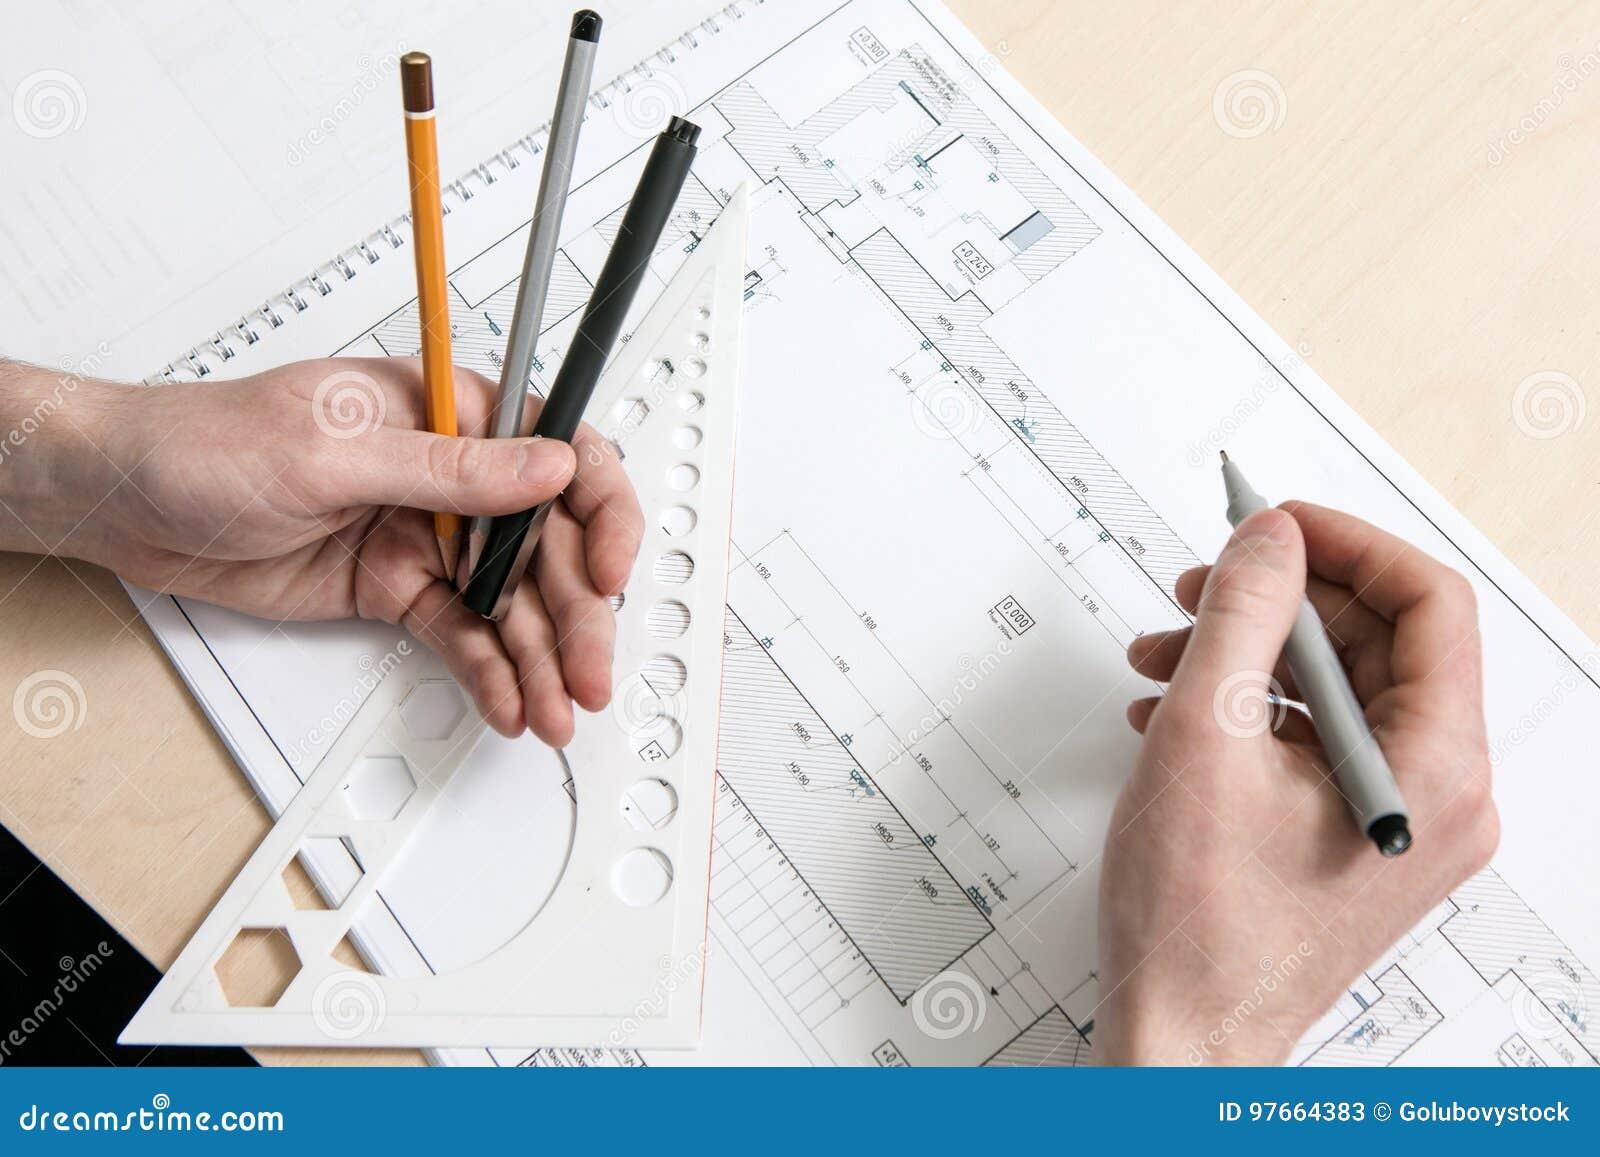 Designer`s hands working on scheme